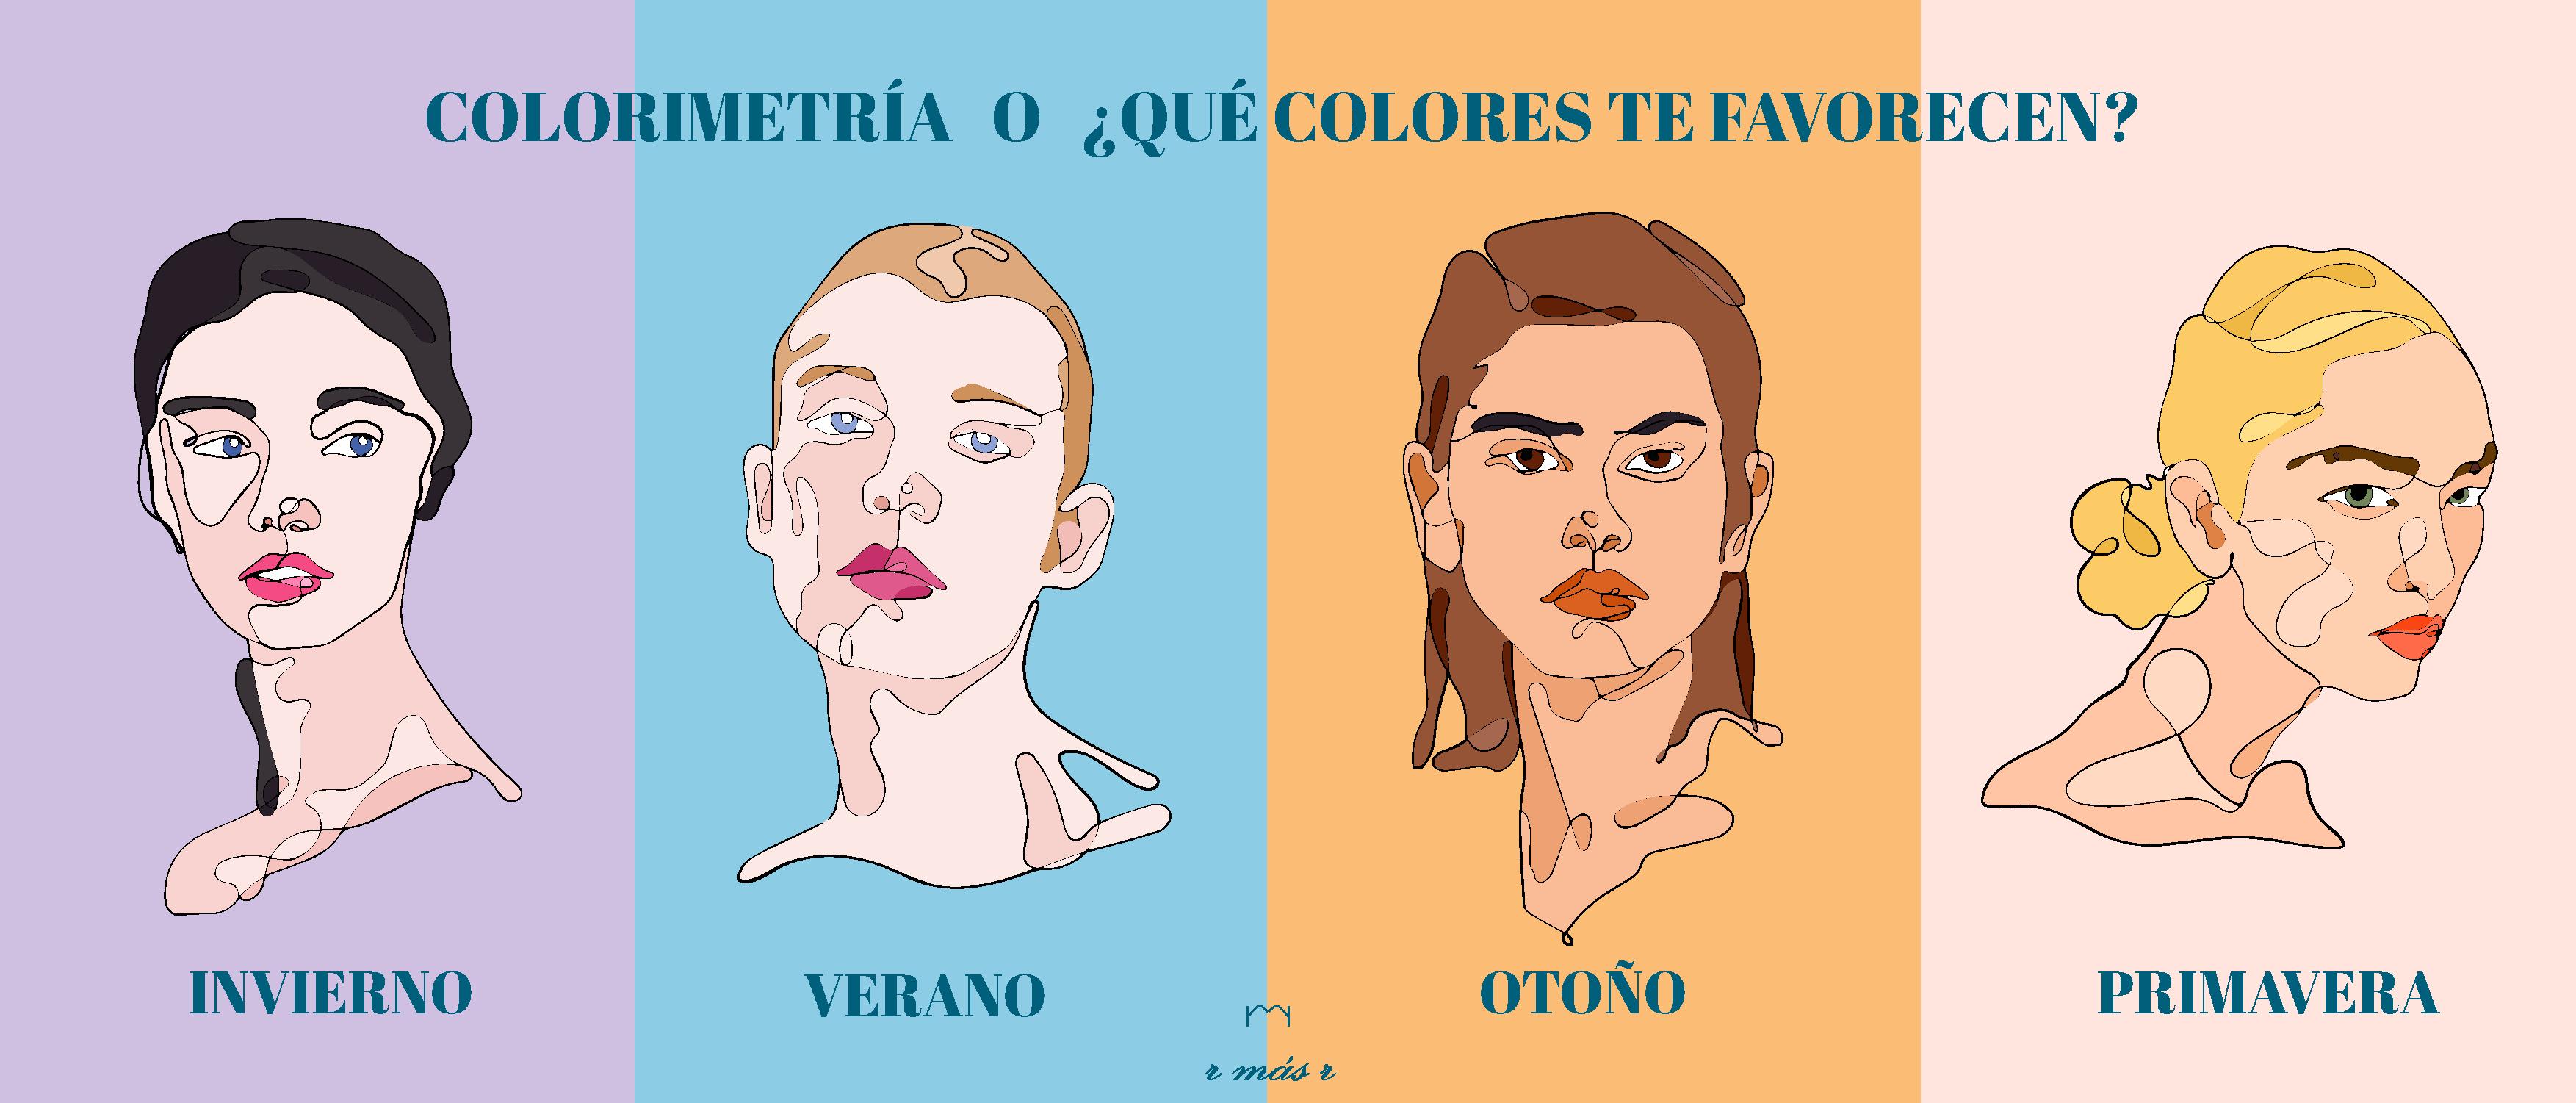 Los colores que mejor te sientan, colorimetría